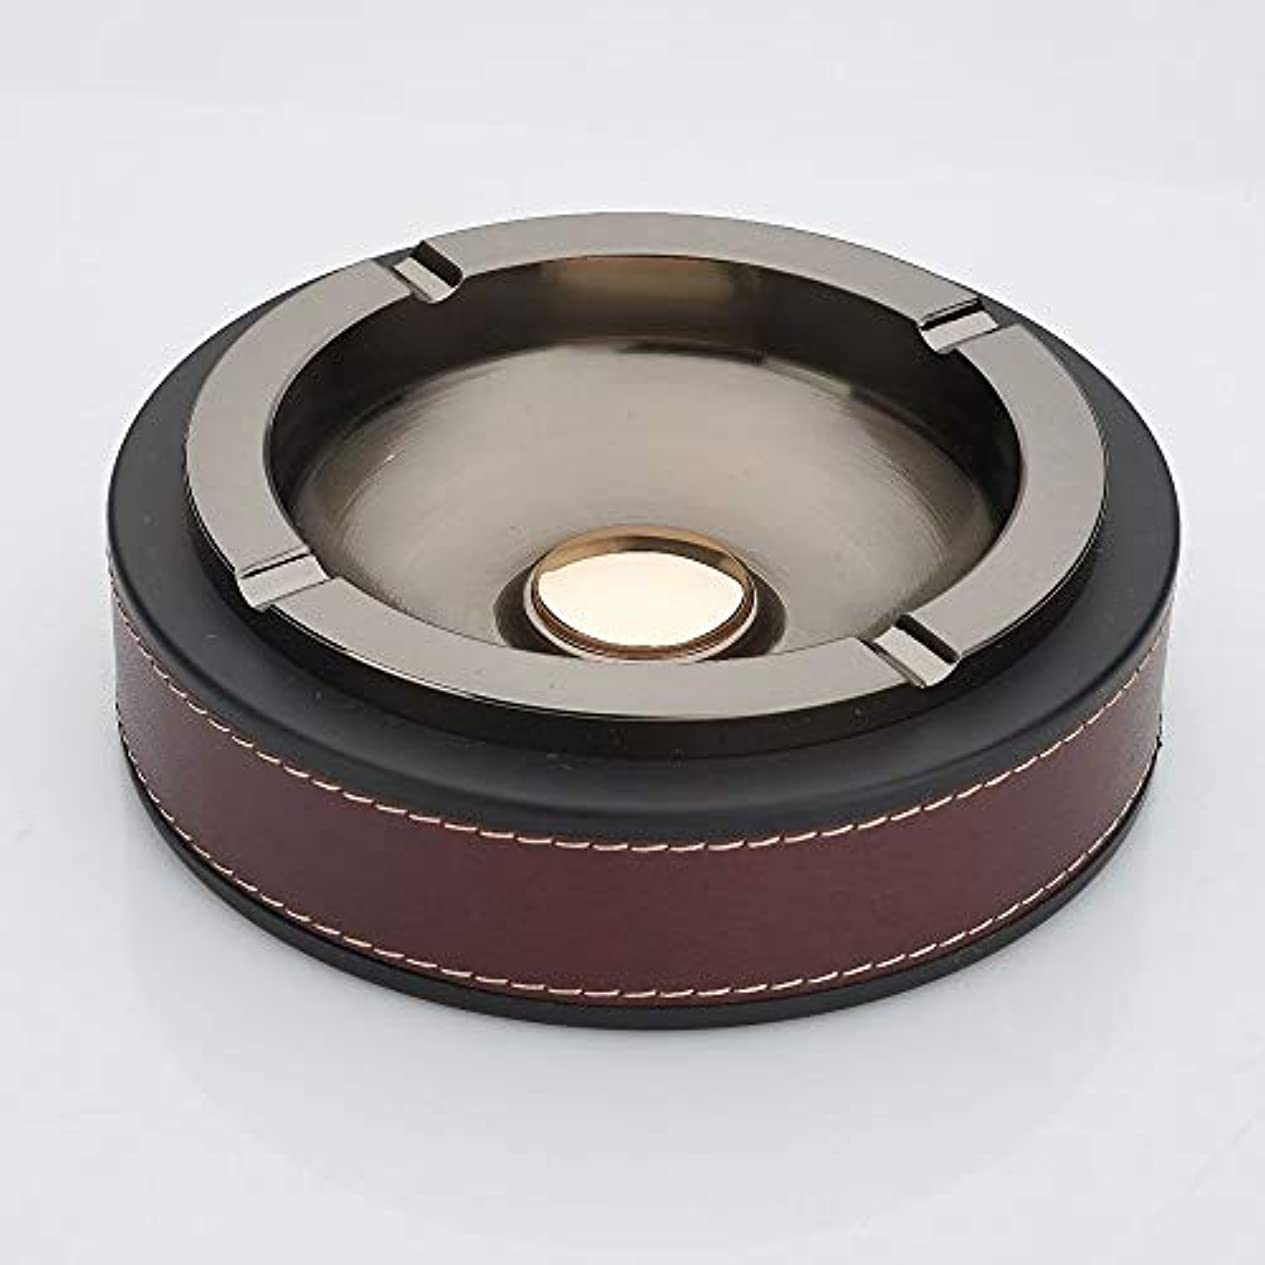 彼らの光沢入射タバコの灰皿クリエイティブ灰皿ホームデコレーション (色 : 赤)